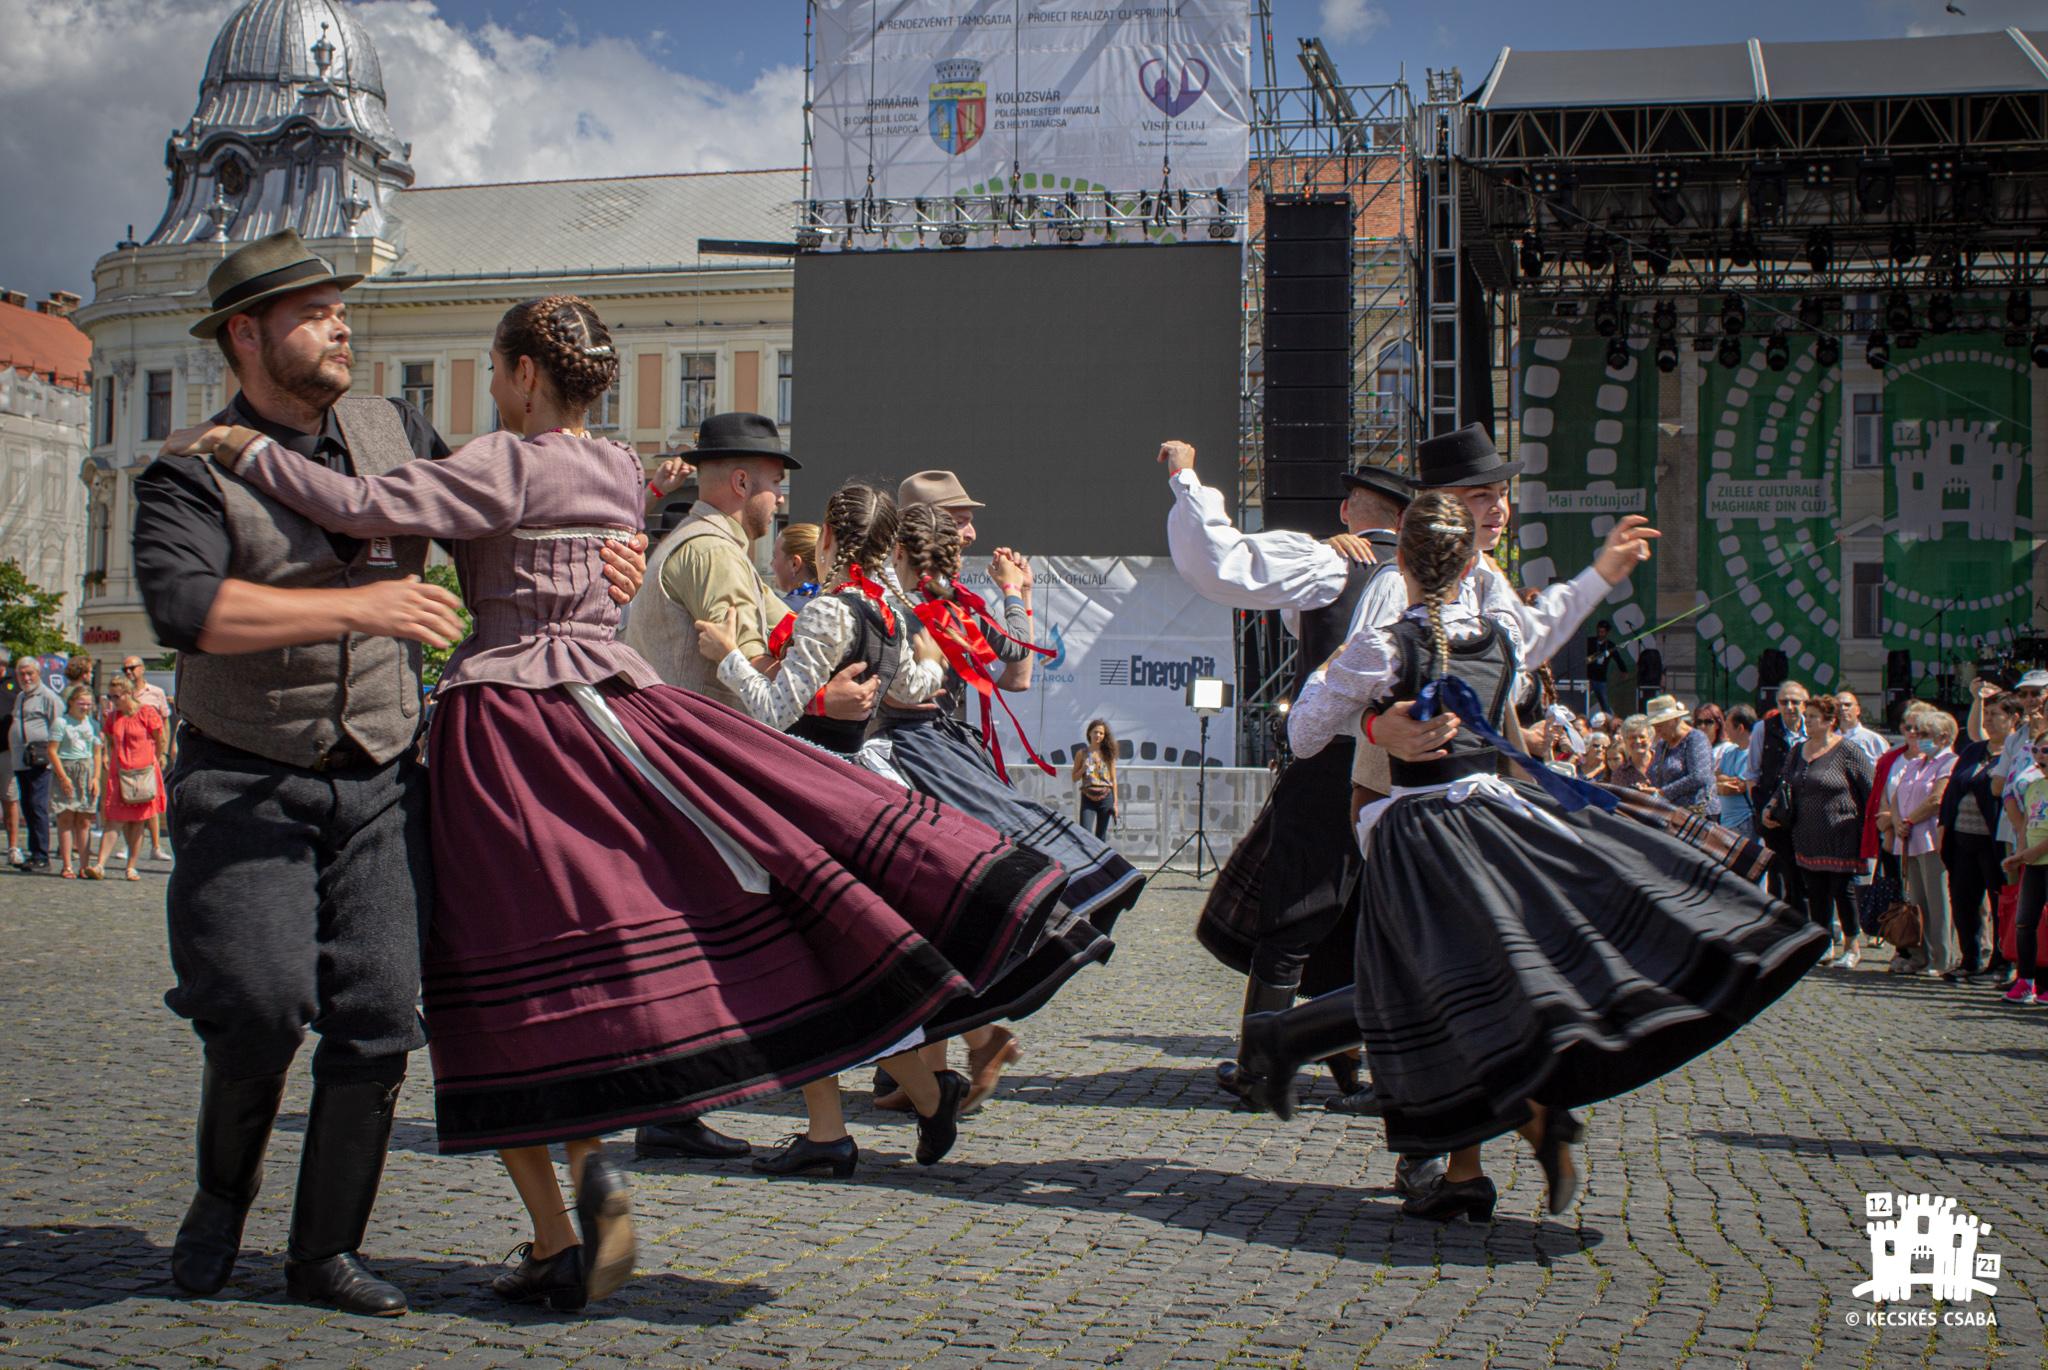 Tánckavalkád Kolozsvár Főterén – a 23. Szent István-napi Néptánctalálkozón részt vevő együttesek bemutatkozása